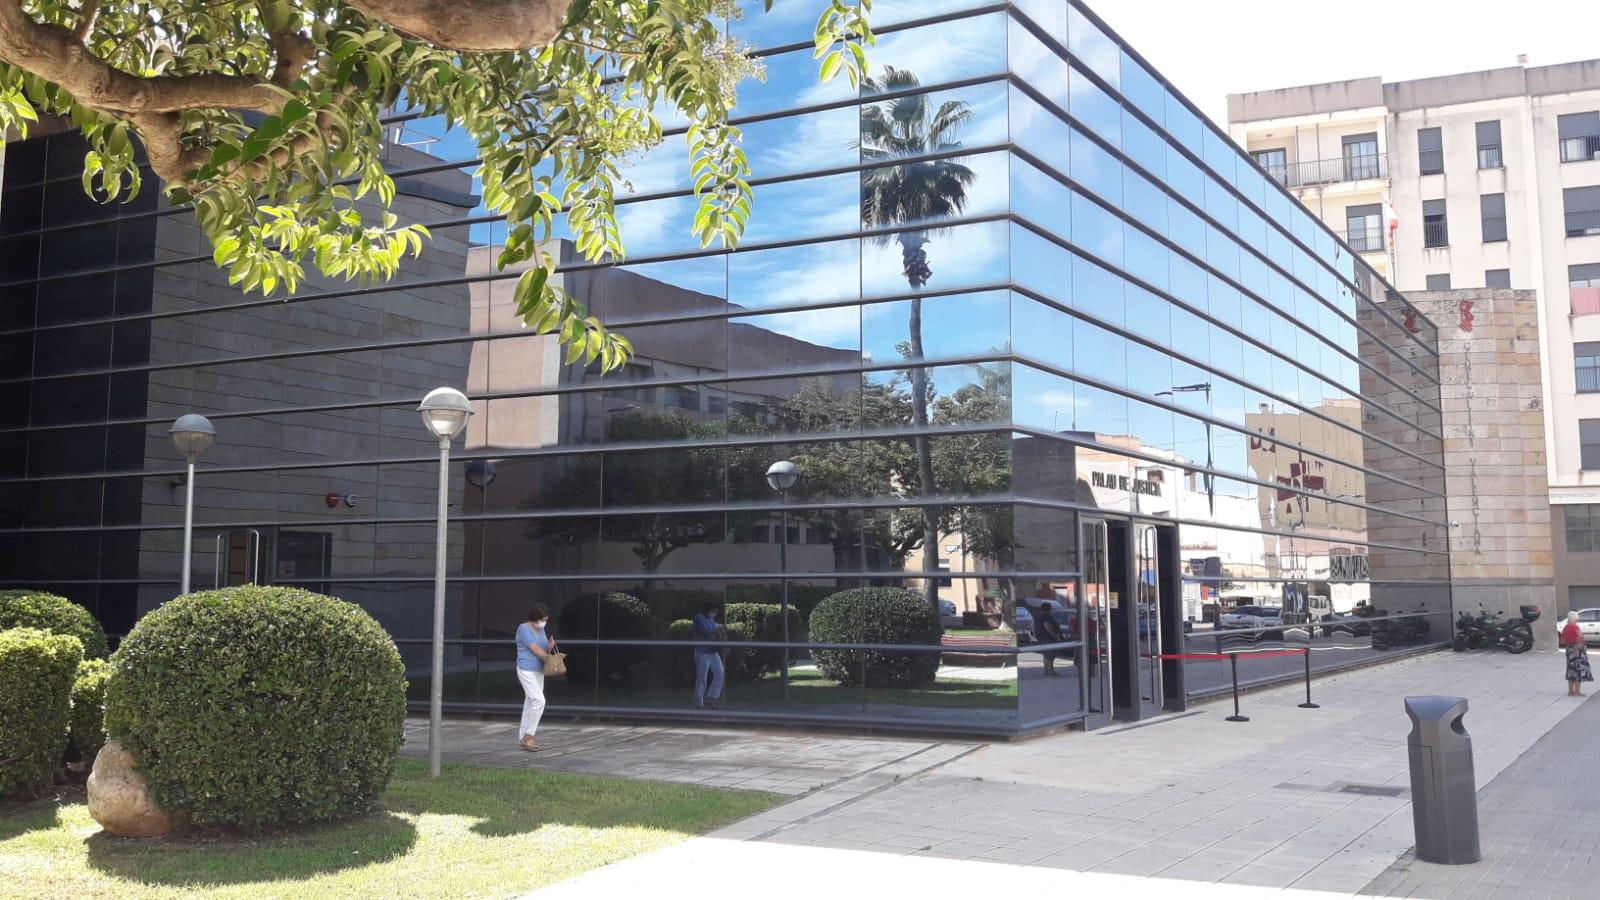 Justicia inicia las obras de renovación de iluminación y climatización en la sede judicial de Vinaròs para mejorar la eficiencia energética